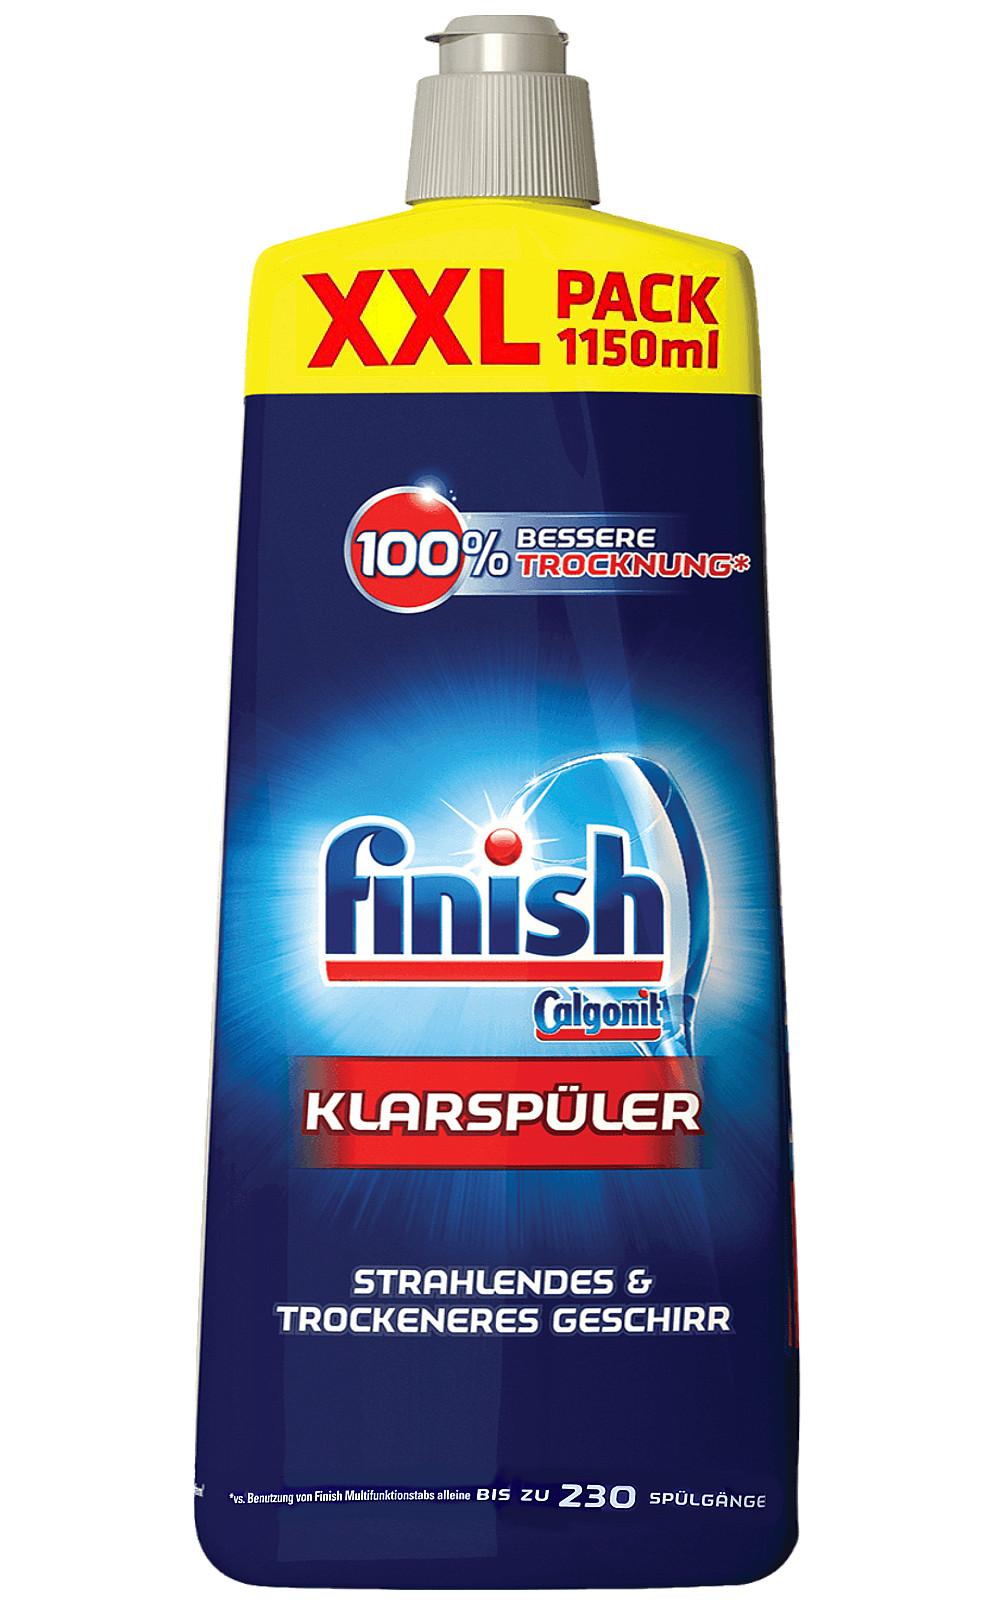 Finish Лощитель в Посудомоечной машине XXL 1,15 Л-ДЕ